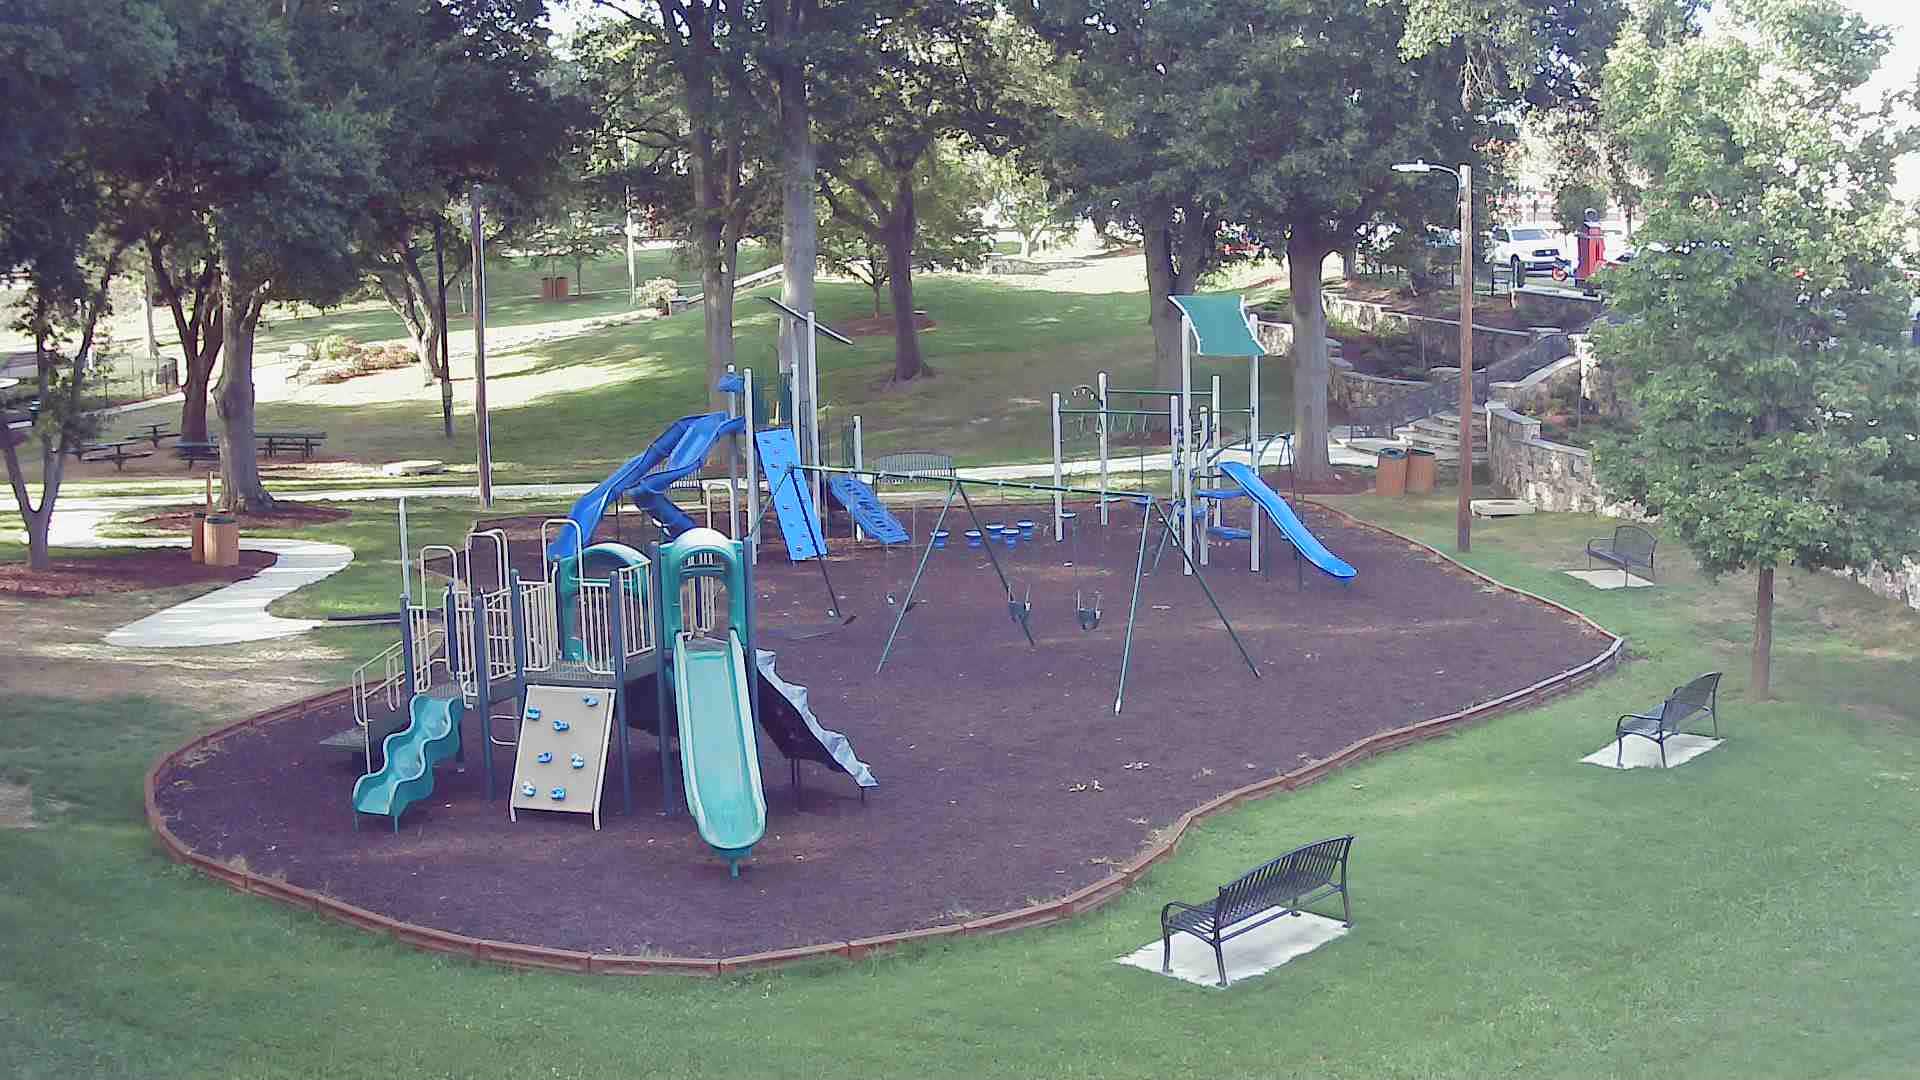 1915 - Stowe Park Playground @ 7/12/2020 10:26:25 PM